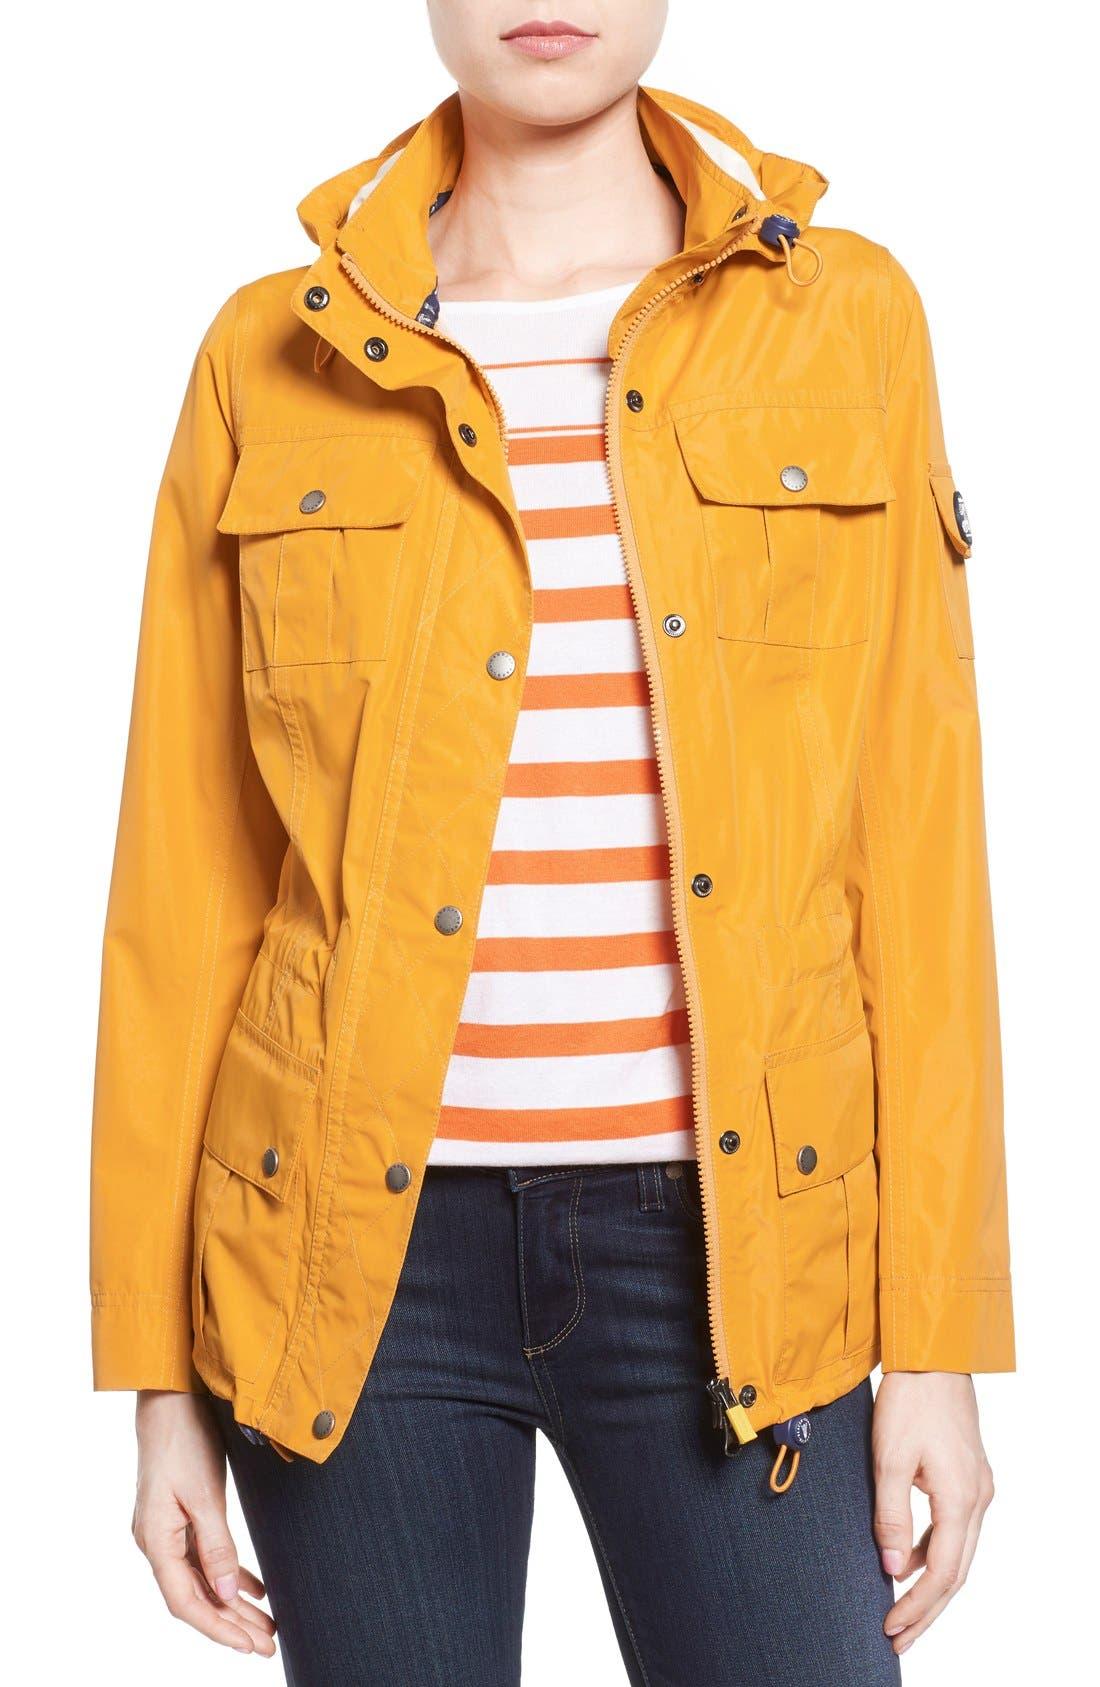 Main Image - Barbour 'Bowline' Hooded Waterproof Jacket